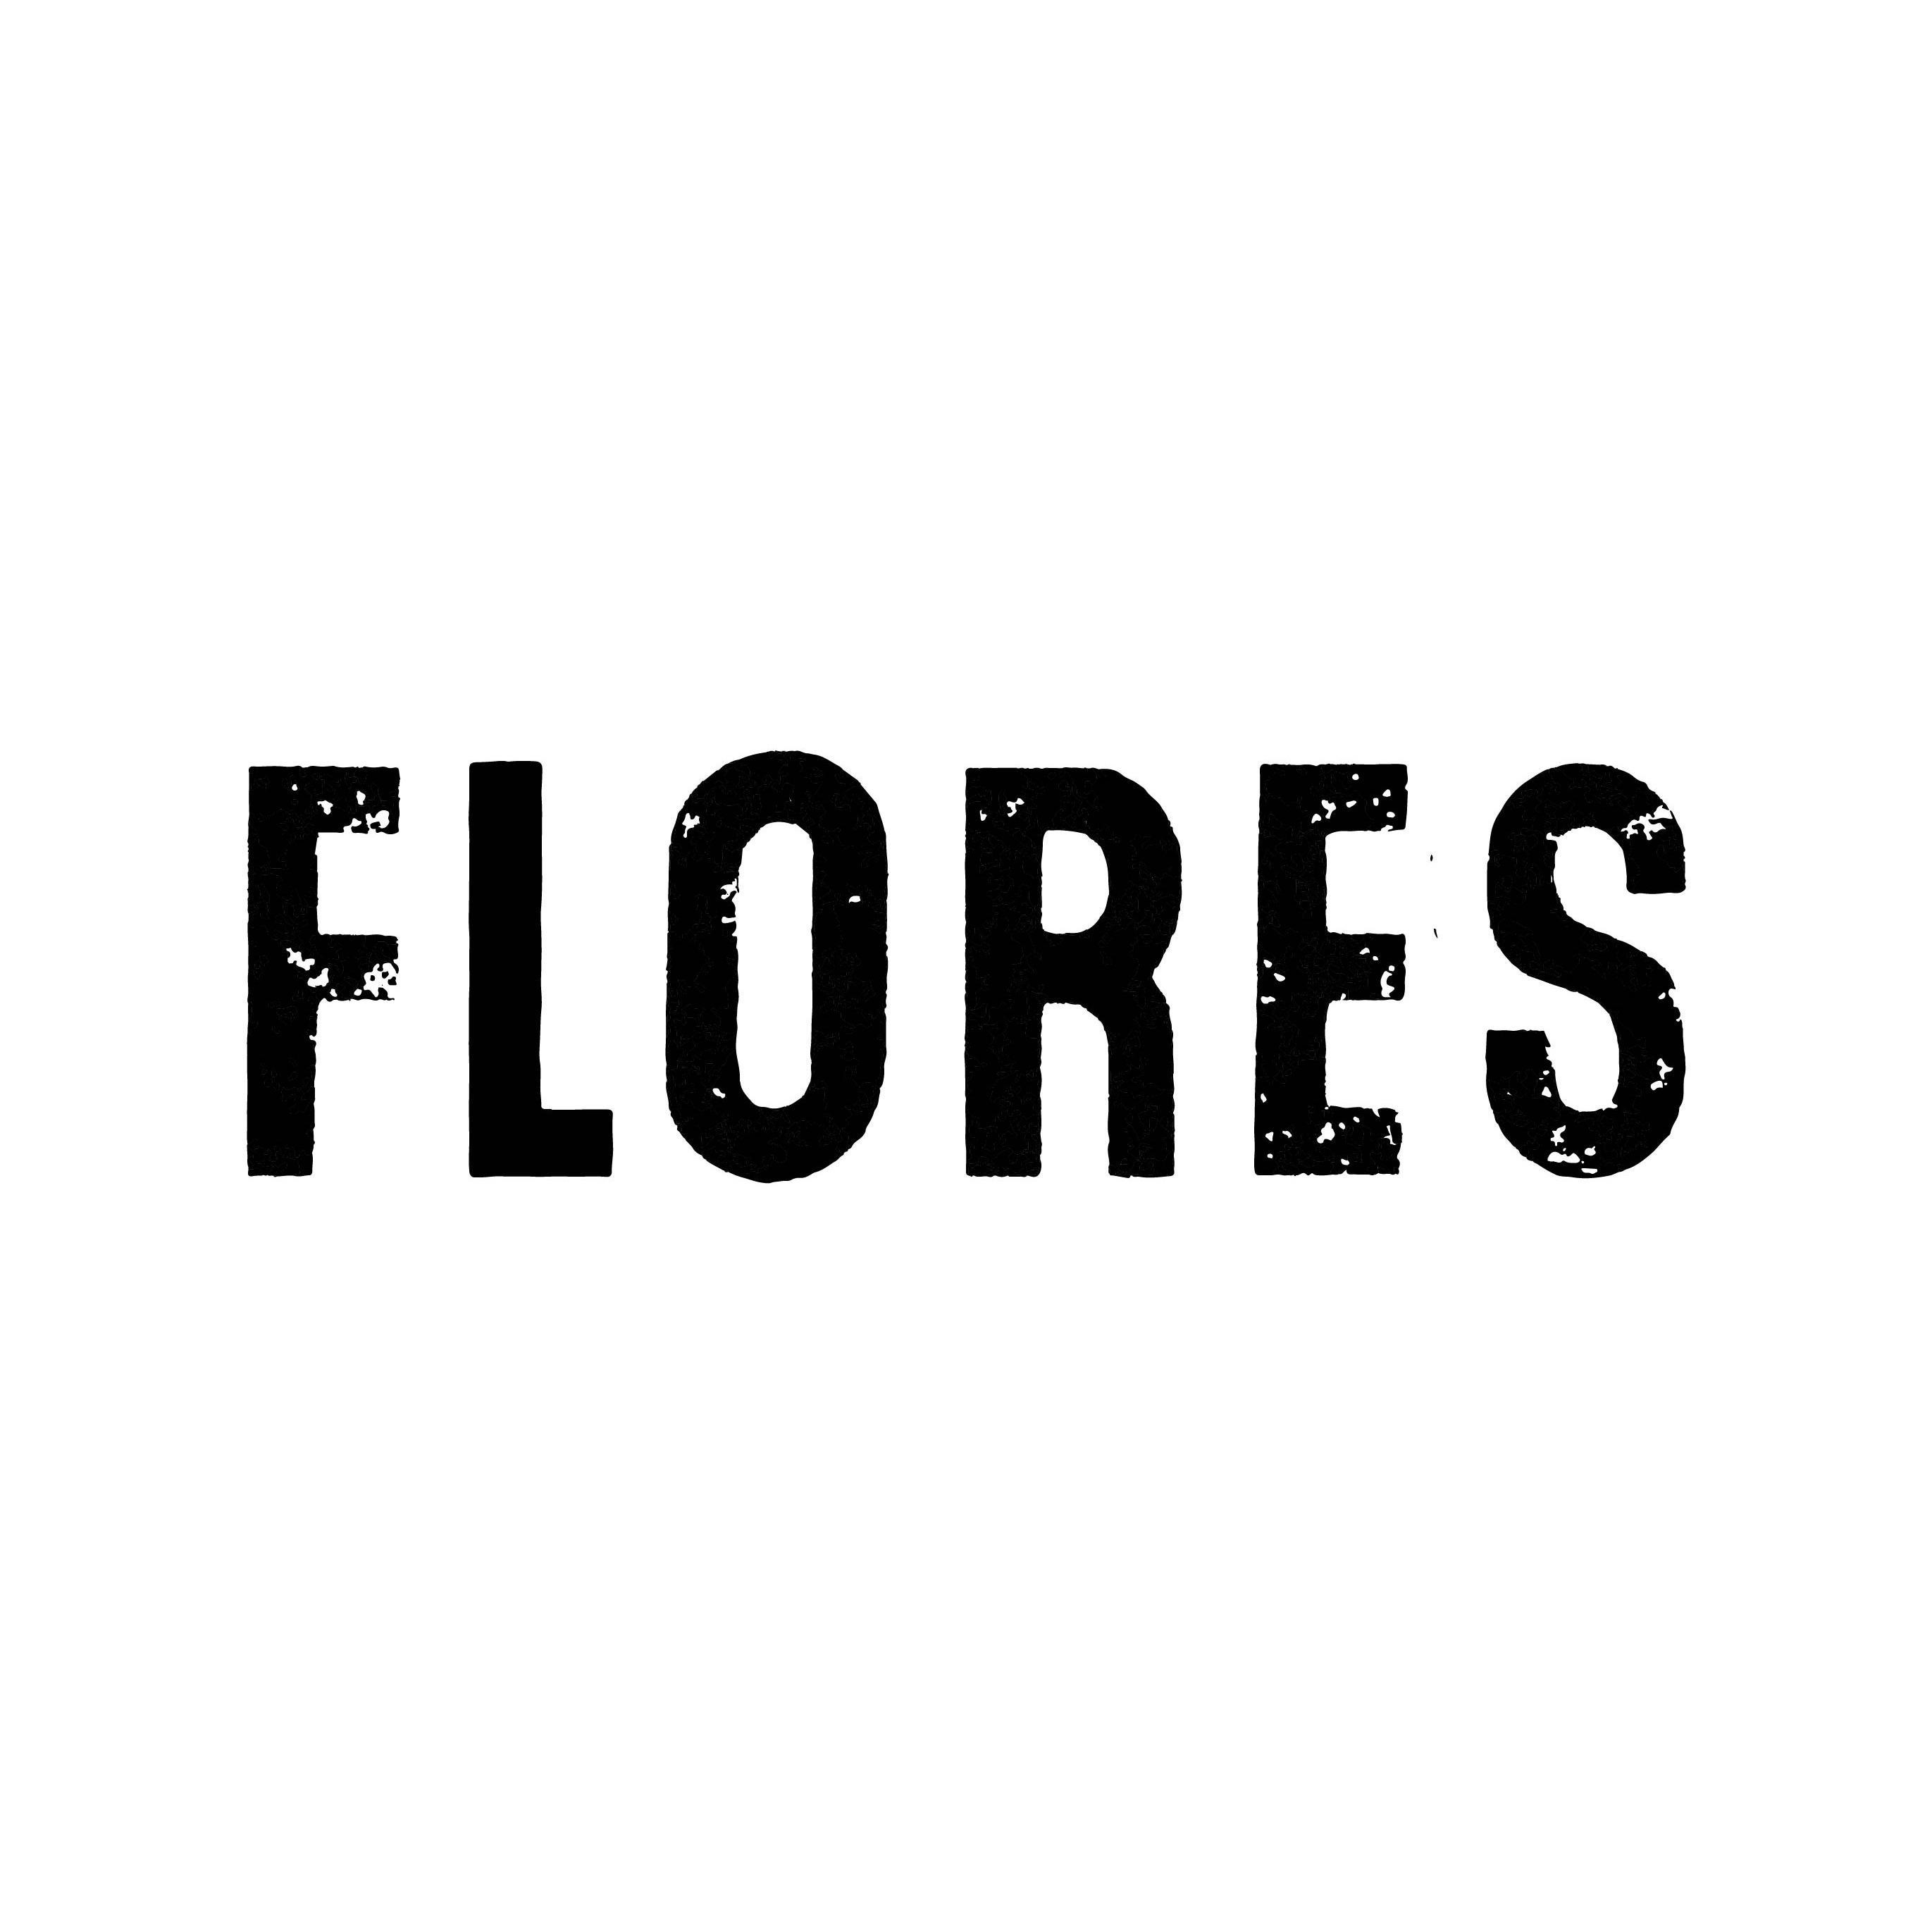 Flores image 5